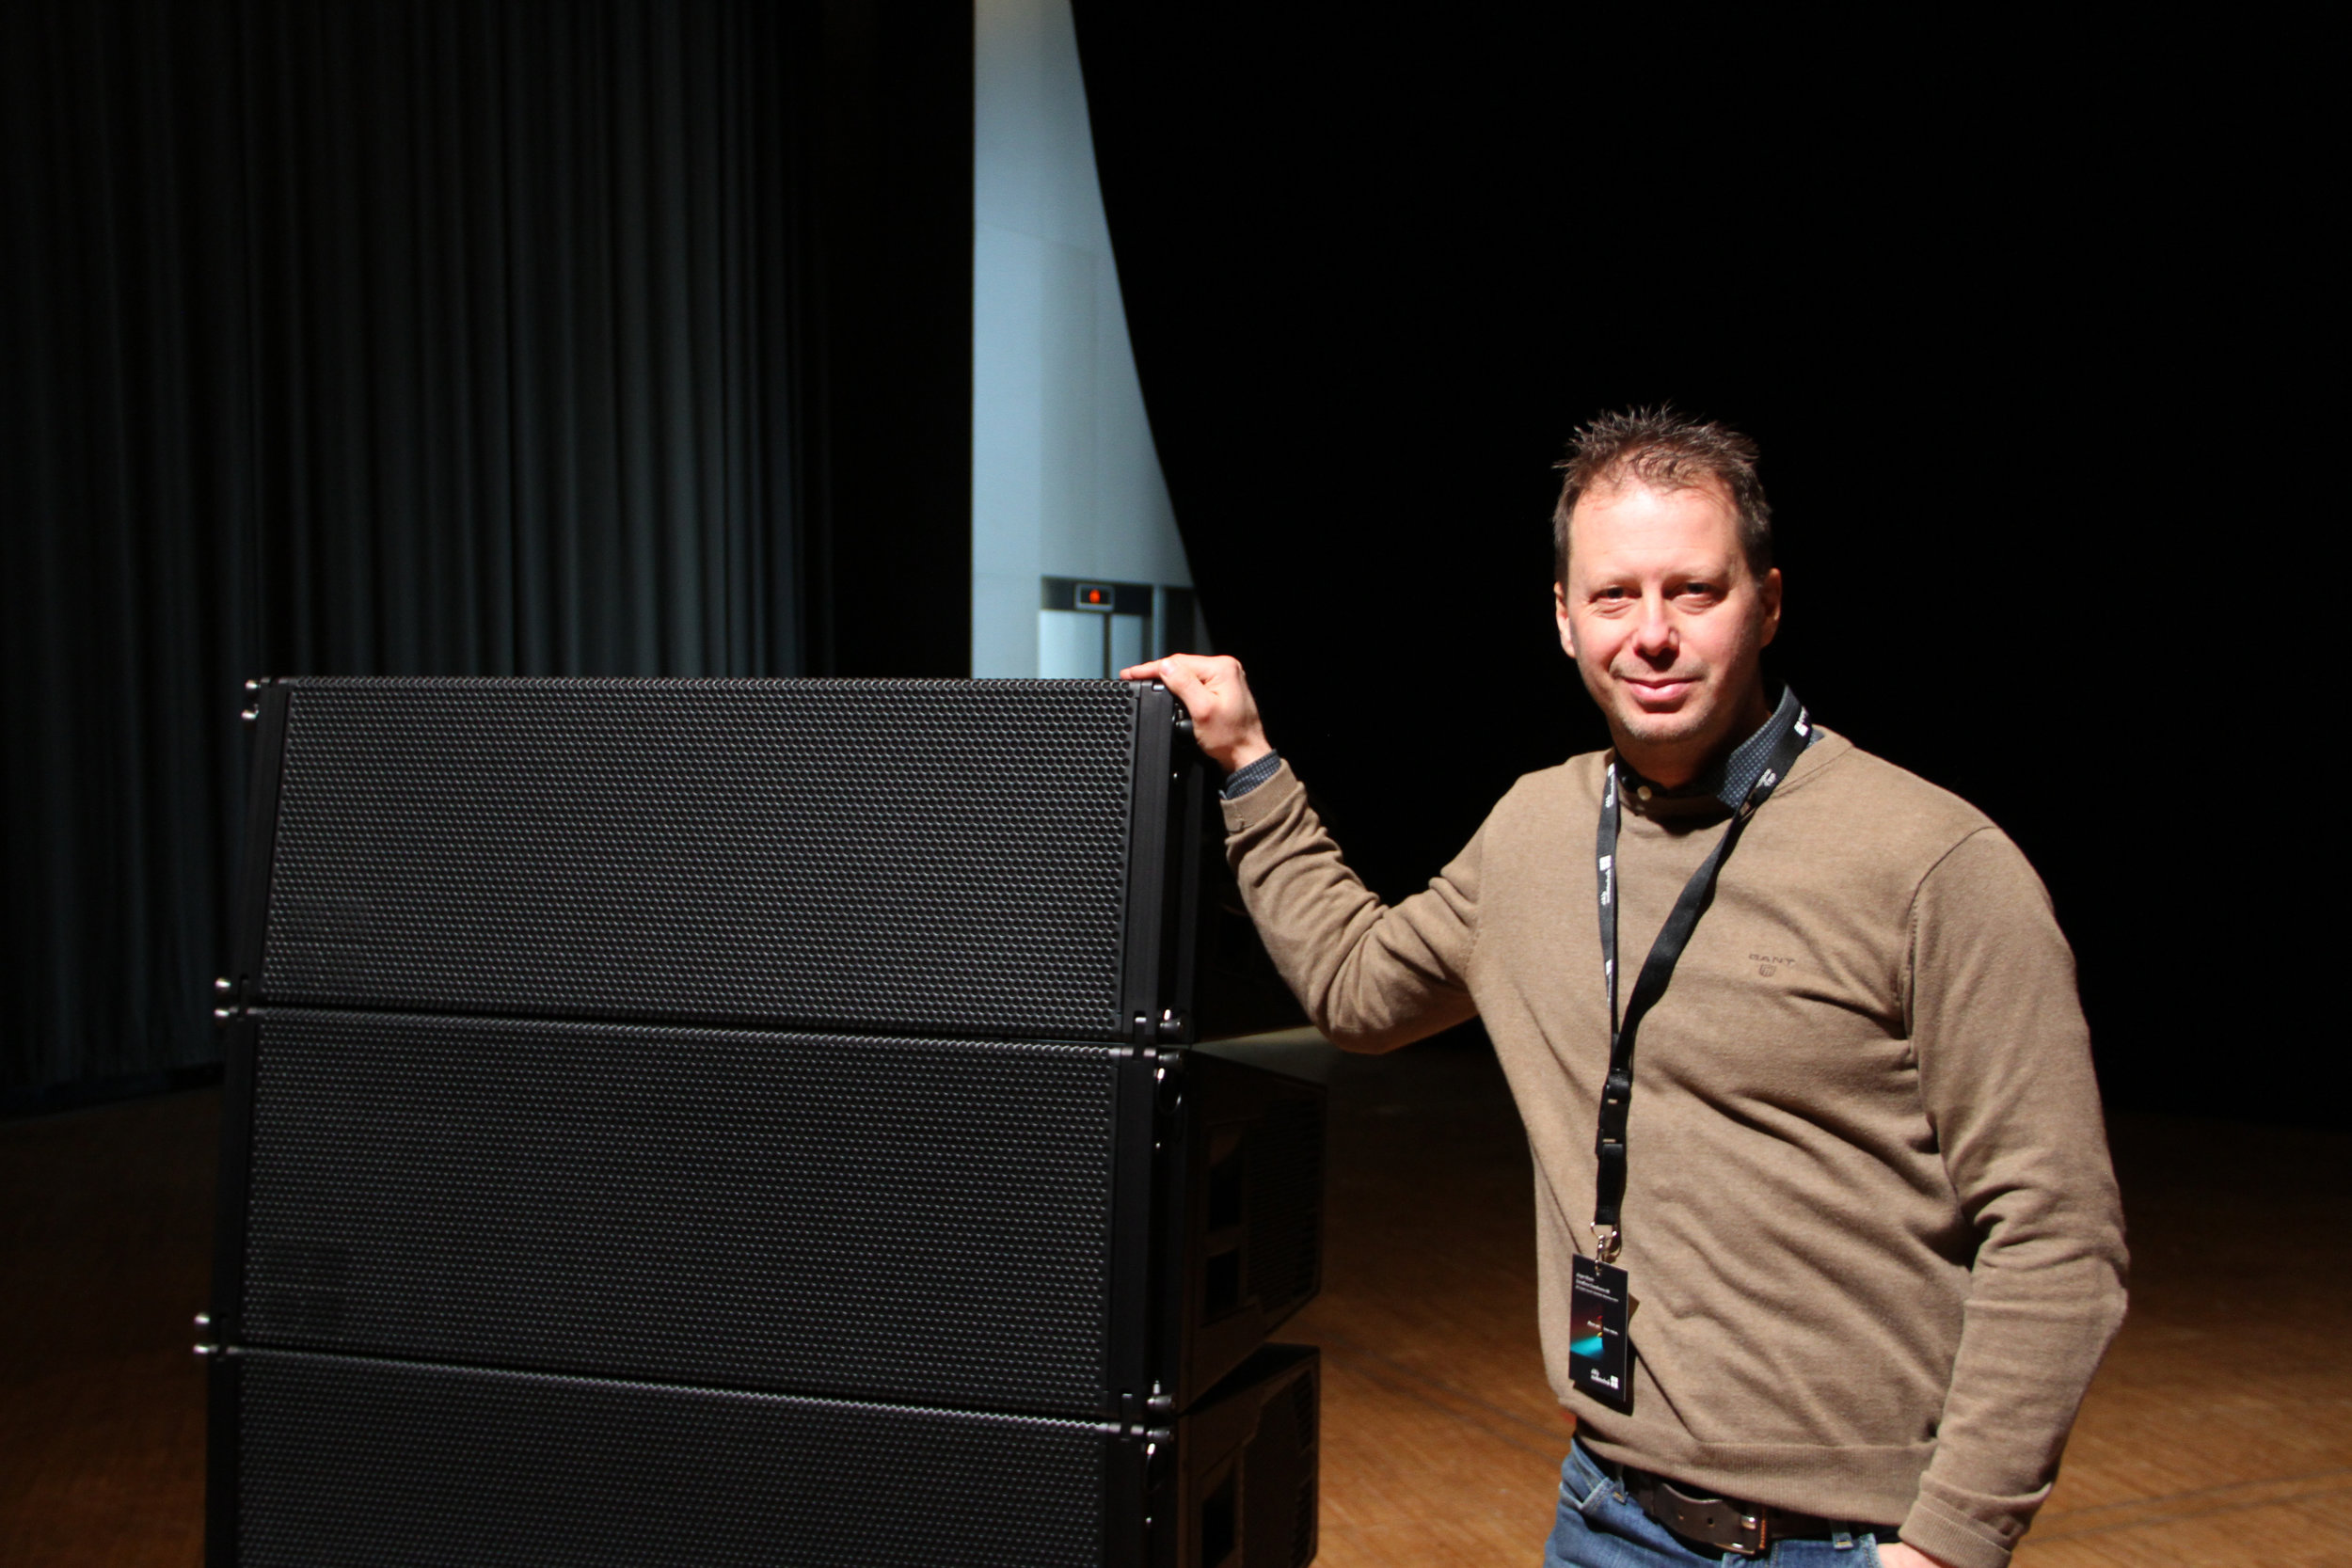 Jörgen Westin, vd och projektledare på Soundforce Scandinavia, har haft att göra med d&b sedan många år tillbaka och tycker att man märker nya nyanser hela tiden ju mer man jobbar med KSL.